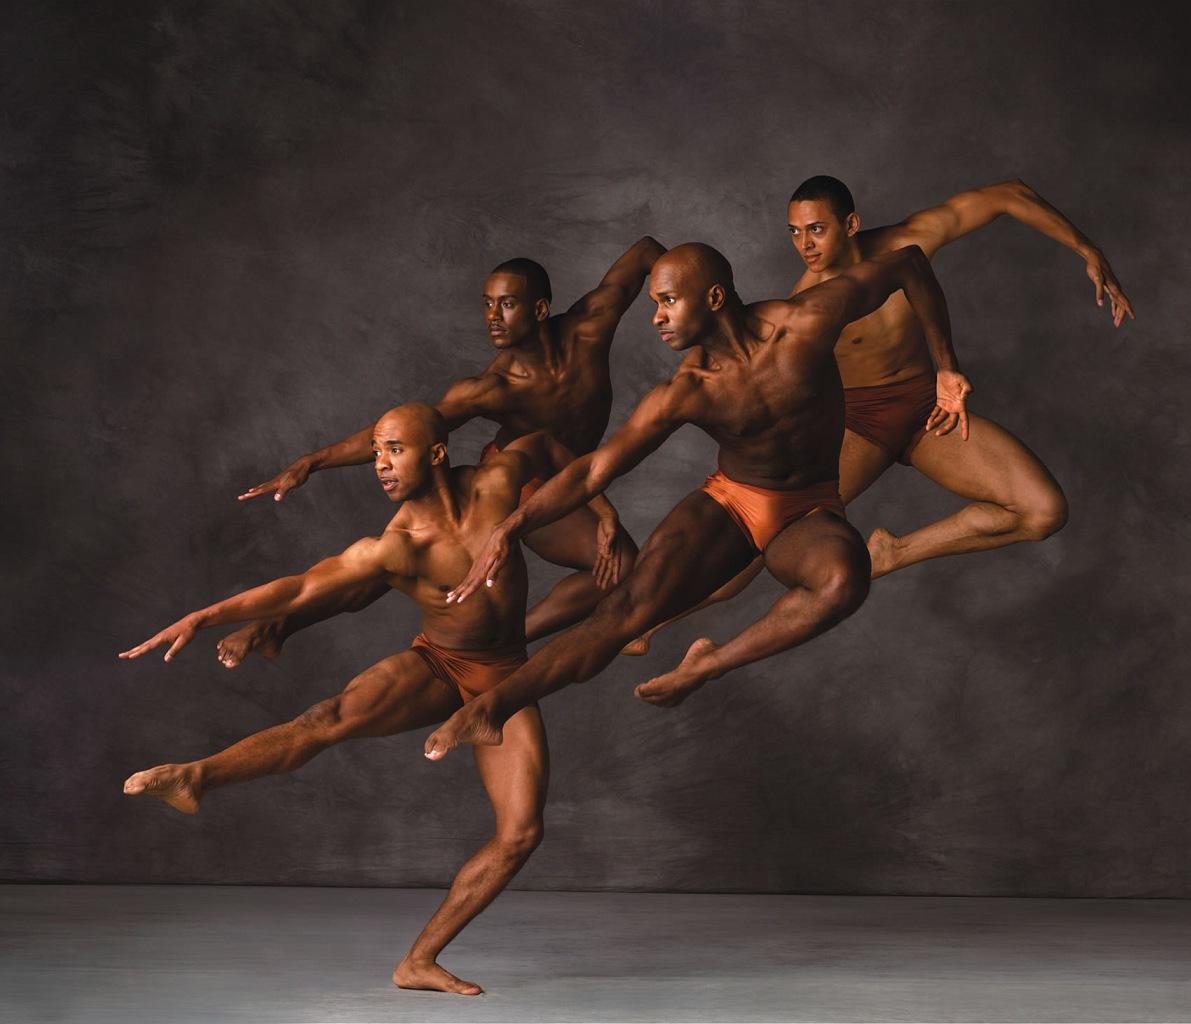 Фото известных мужчин балерин 8 фотография